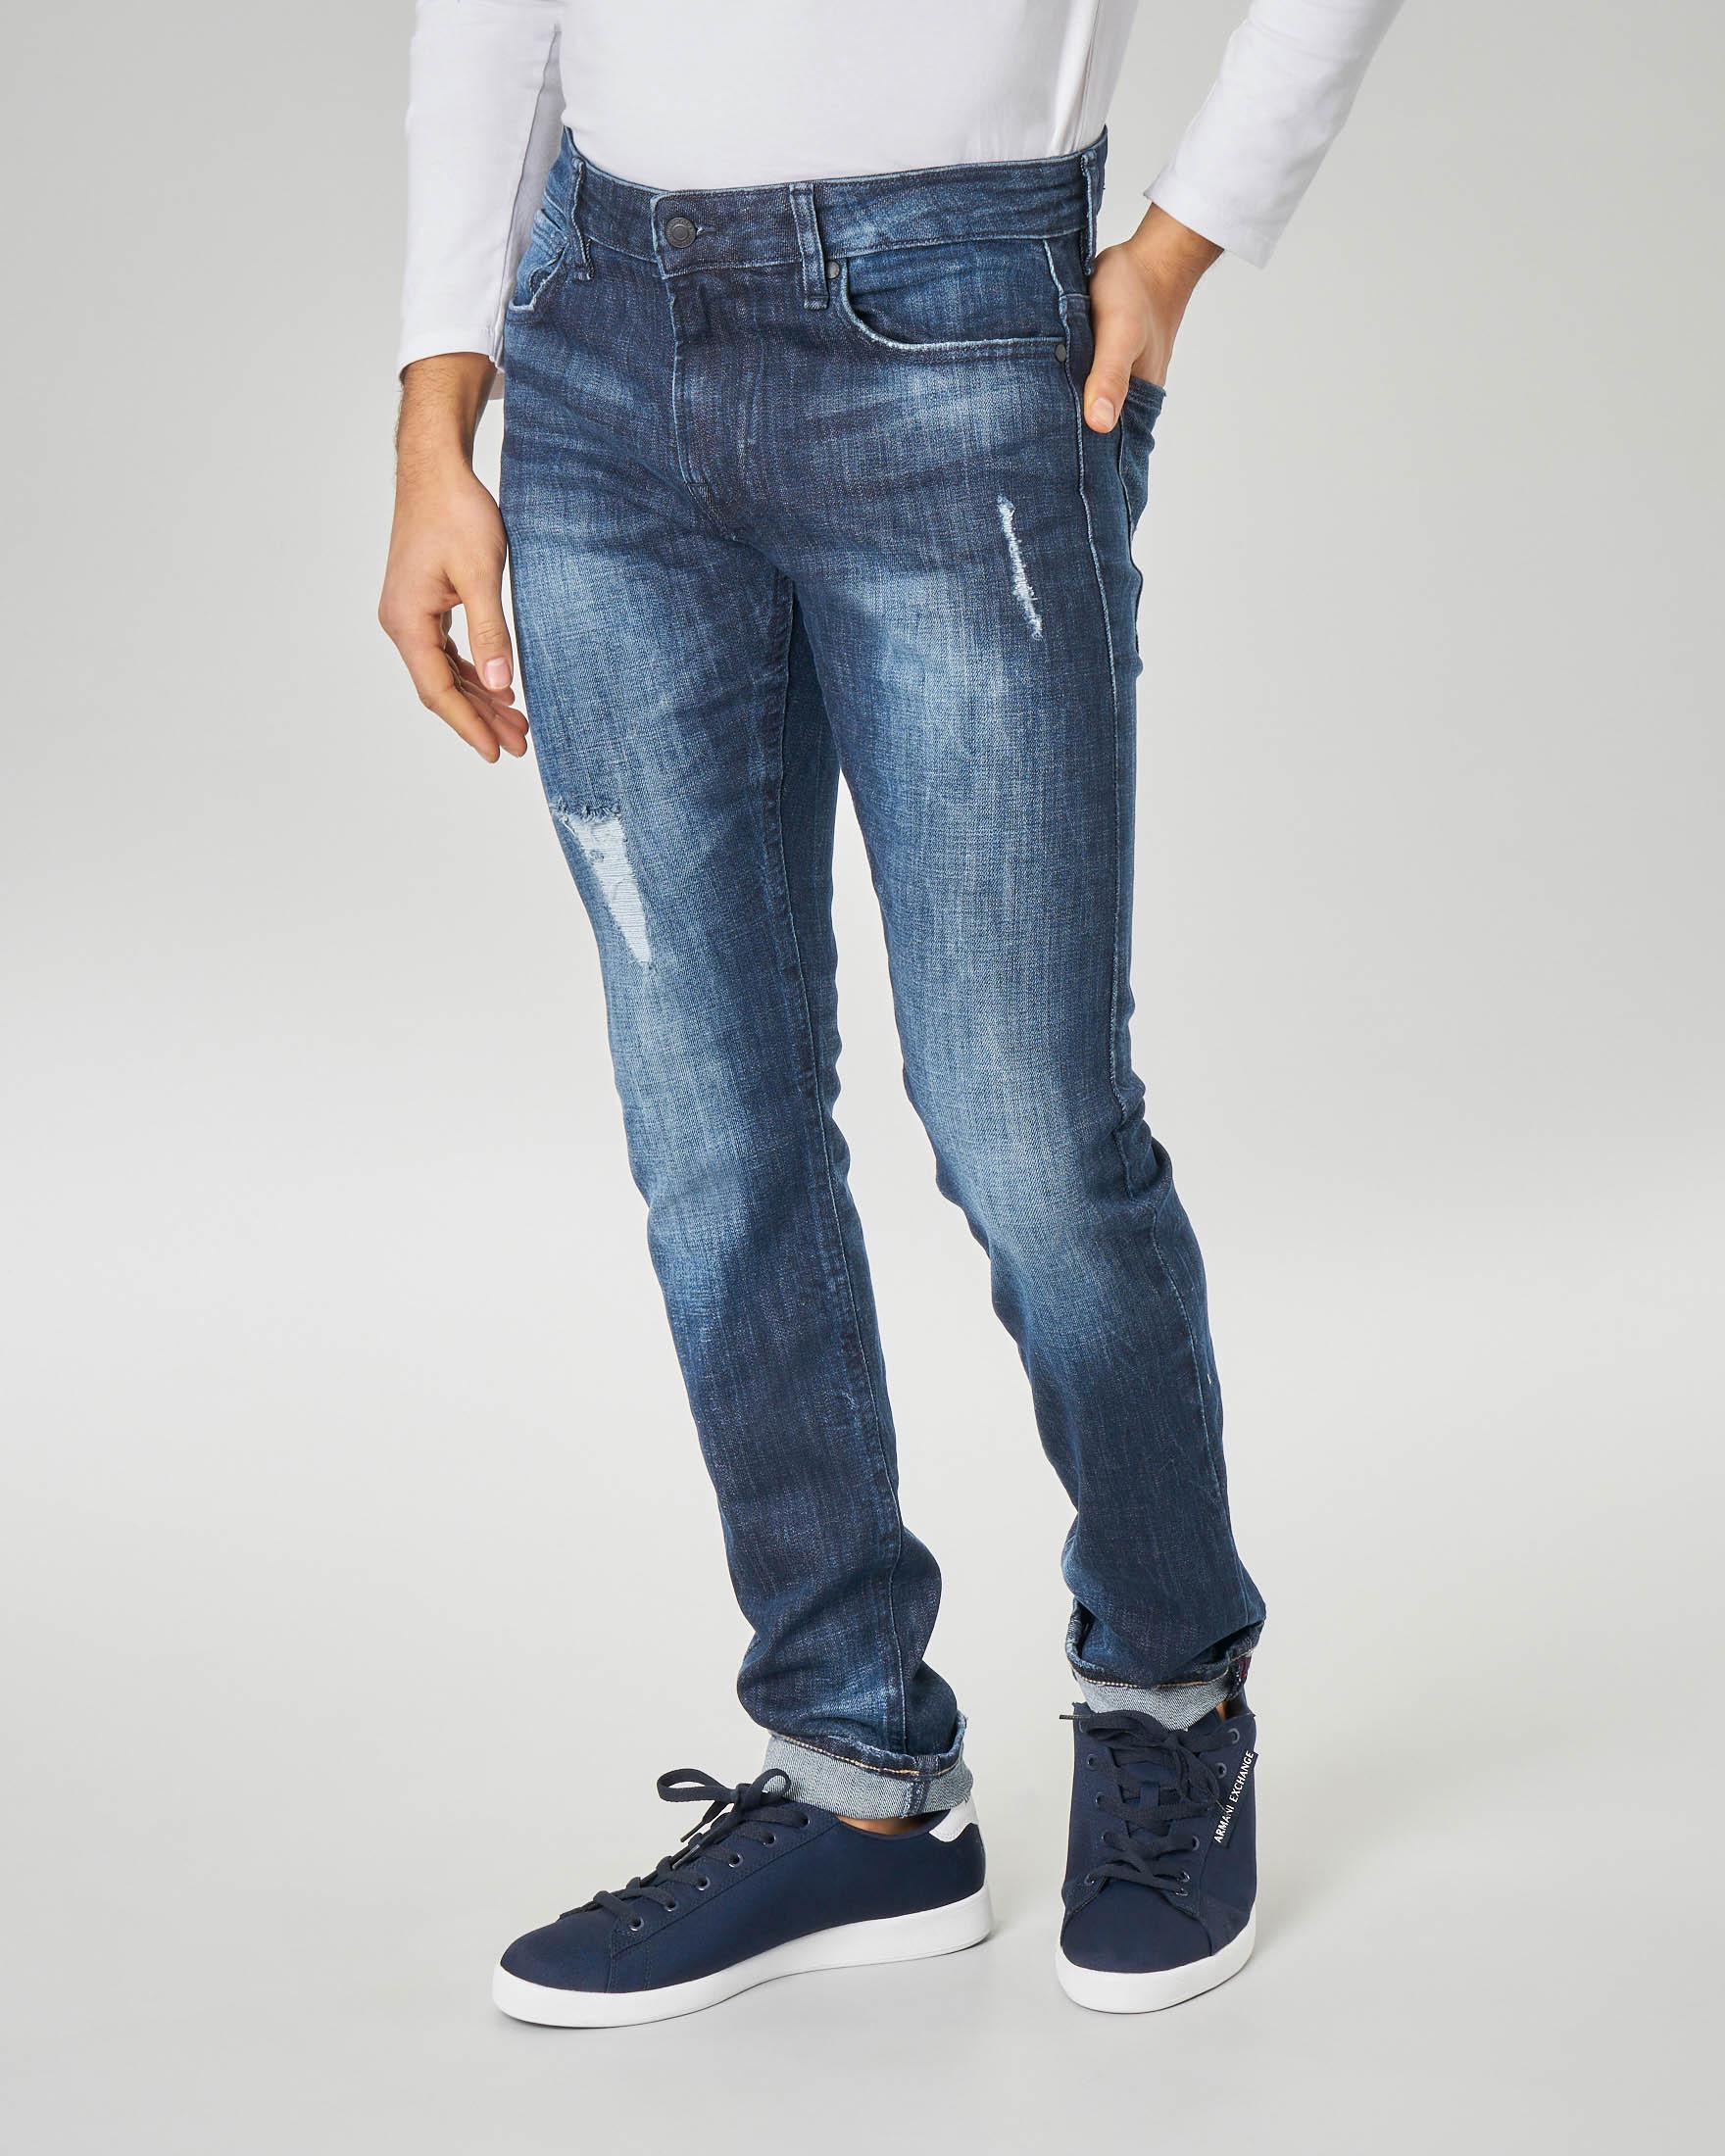 Jeans super skinny con abrasioni